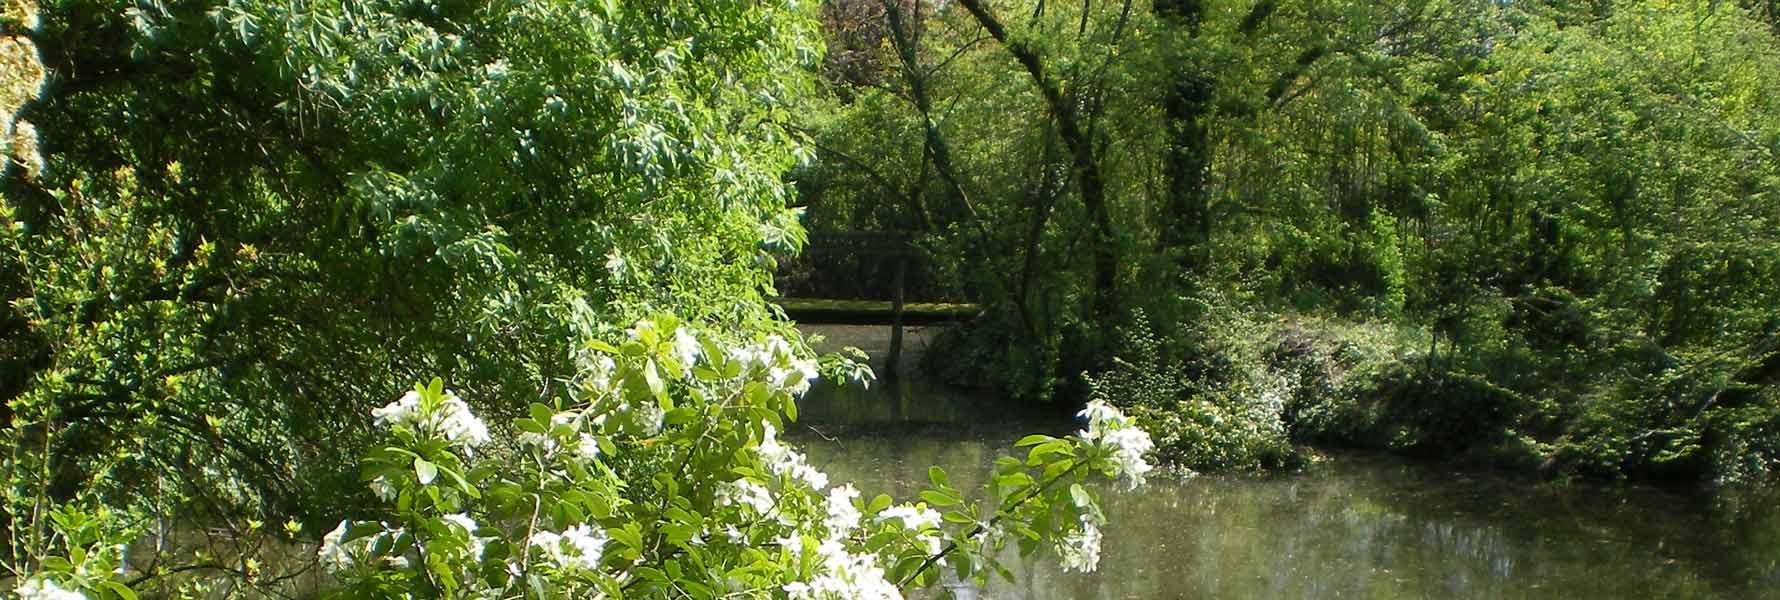 chateau de Foncoussieres, pont dans le parc